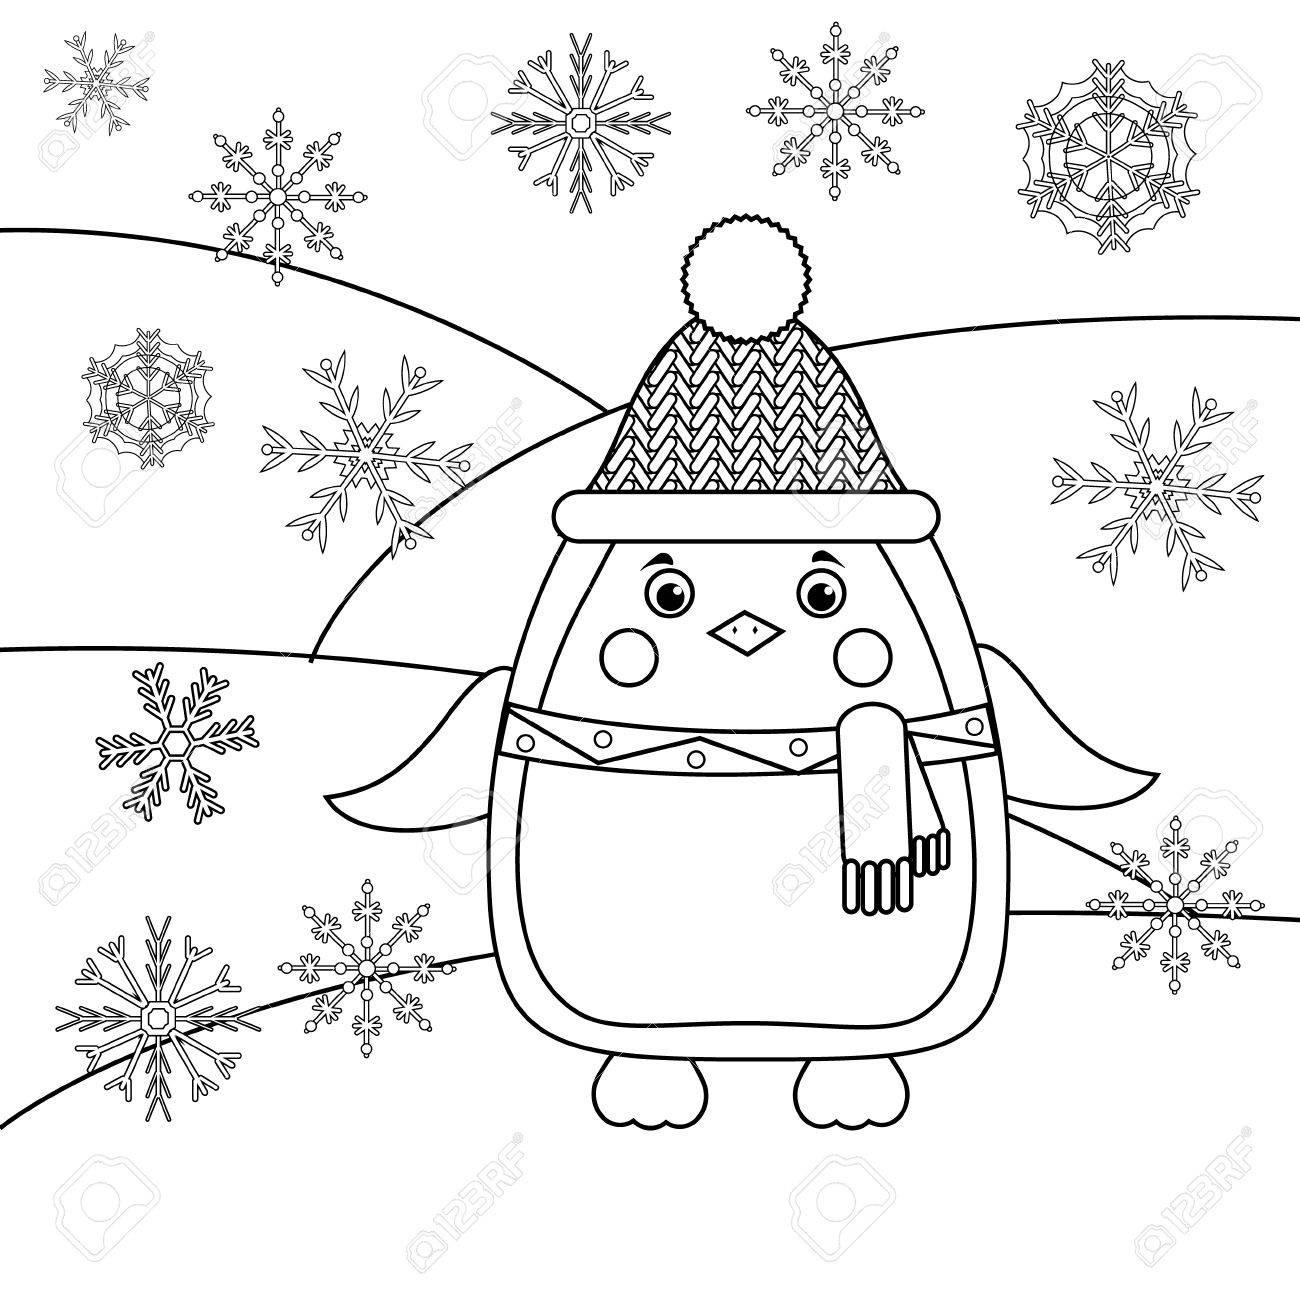 Winter Ausmalbilder Für Kinder : Malvorlage Mit Pinguin In Hut Und Schal Und Schneeflocken Lernspiel